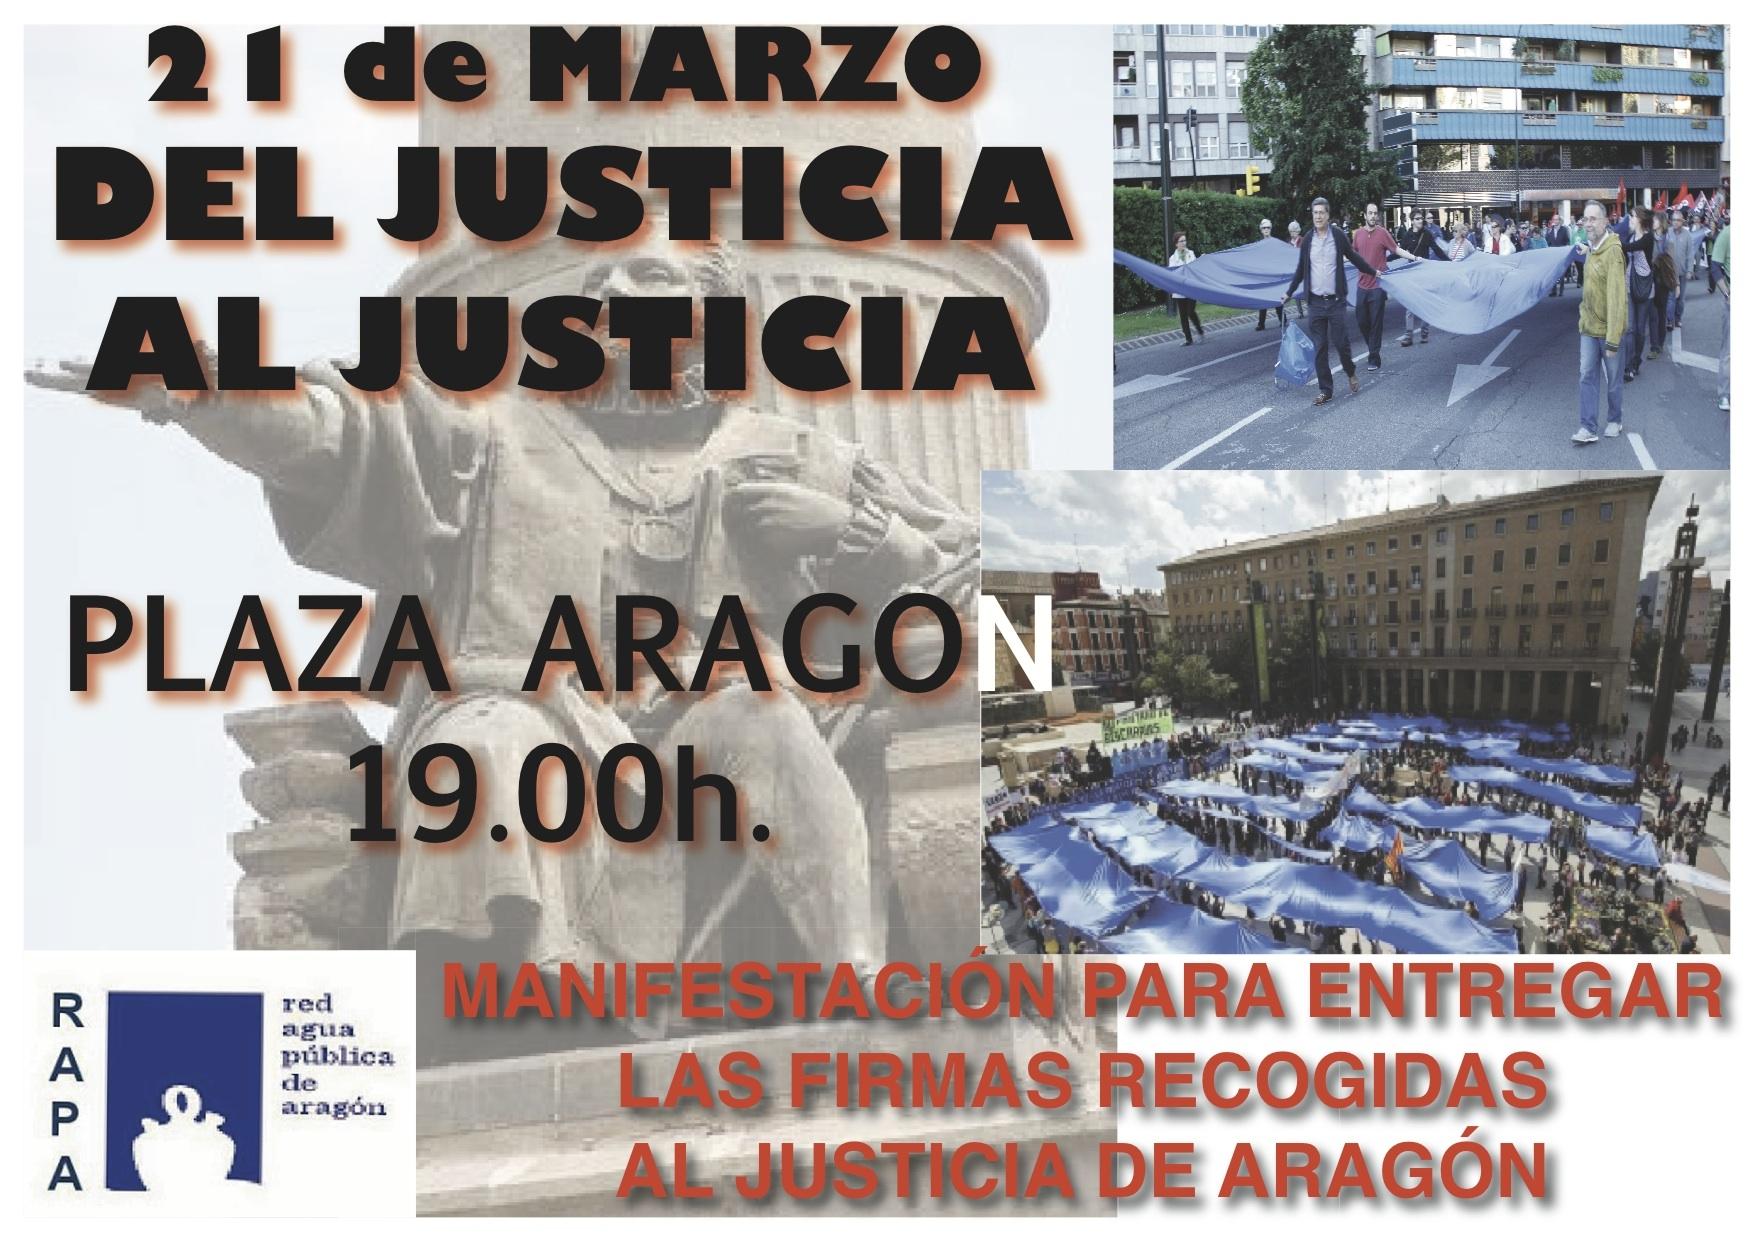 Manifestacion por el agua 21 de Marzo